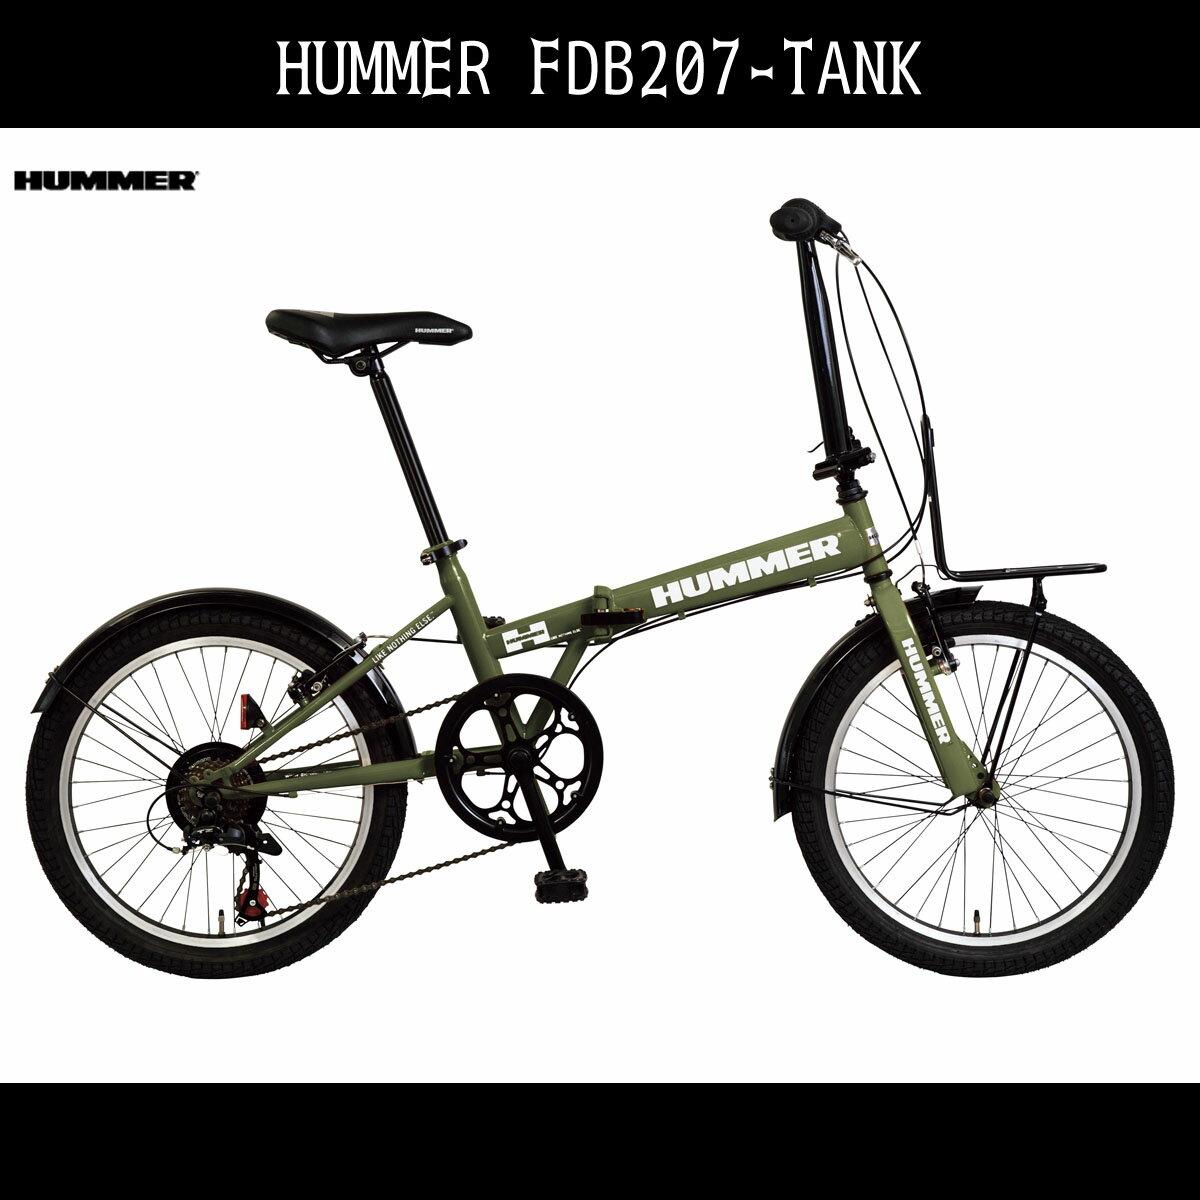 【送料無料 折りたたみ自転車 ファットバイク ハマー(HUMMER)自転車】グリーン/緑【20インチ 折りたたみ自転車 外装7段変速ギア】 ハマー 折りたたみ自転車 FDB207 TANK おしゃれ